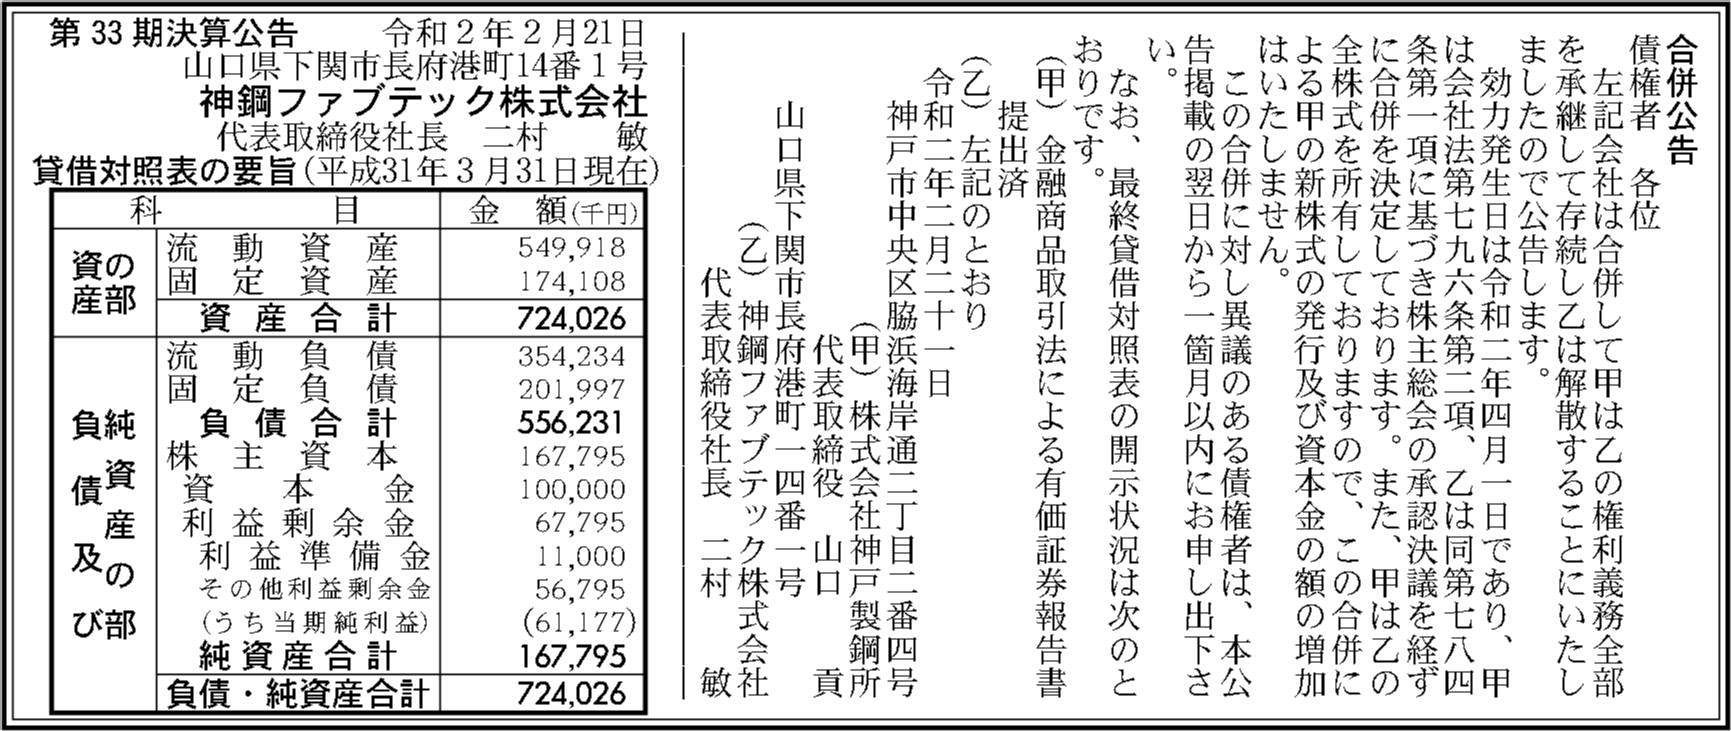 0117 476caab9e13011ab642f331b5ae80830c4089e58383d849b5cdb565633ade1830021aea595afab0f0bc486e0389720554ace433e4e4f21c4402fc1ccb99834d9 04